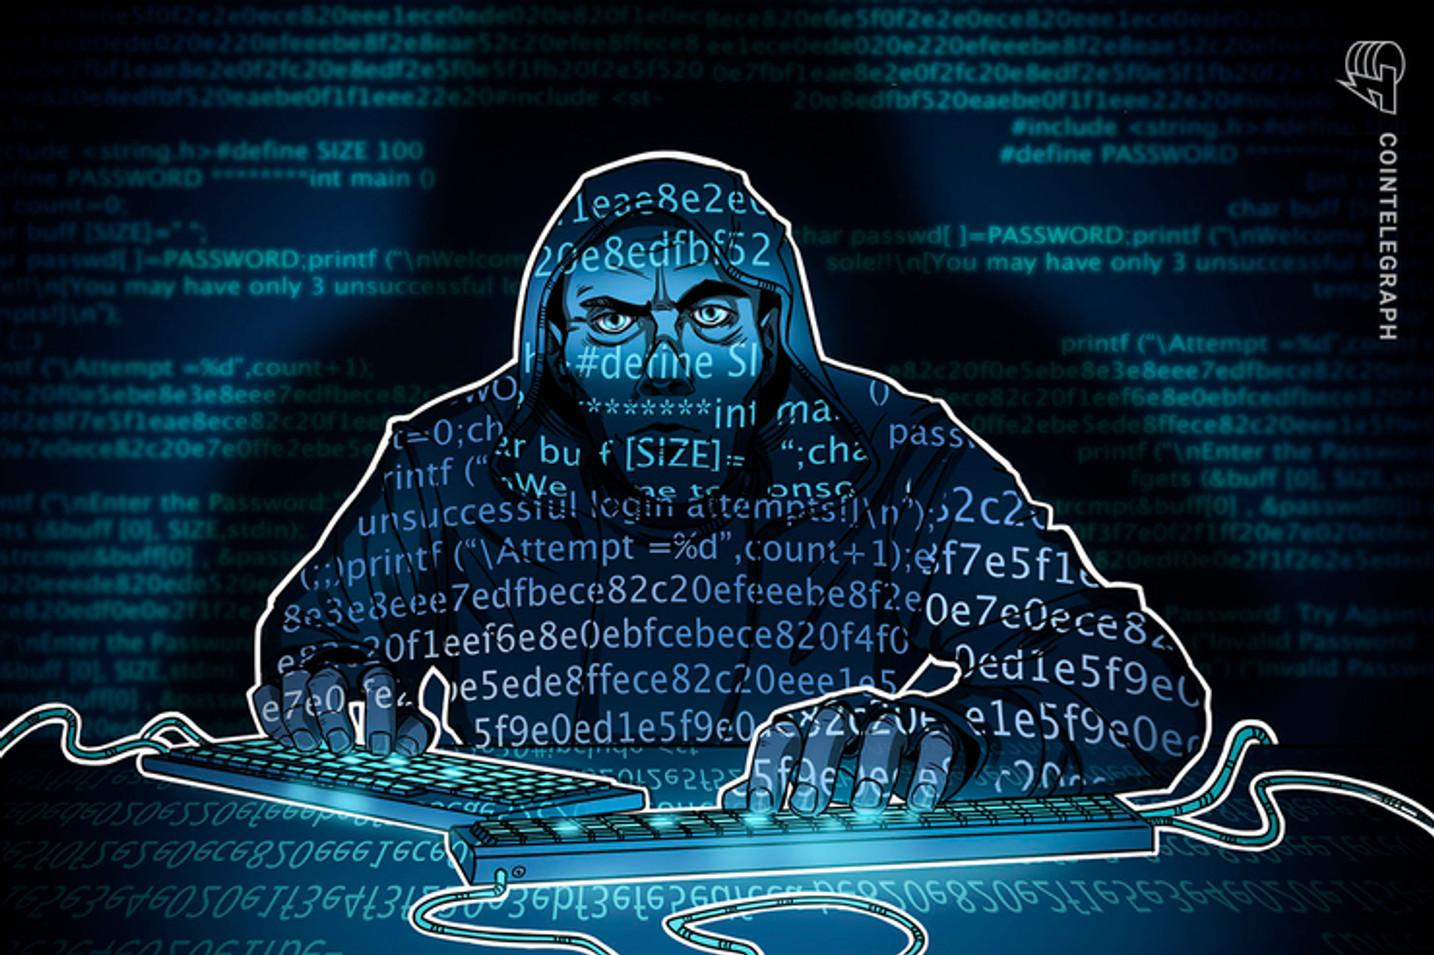 Hacker vaza dados pessoais de Rodrigo Marques, CEO da plataforma de Bitcoin Atlas Quantum